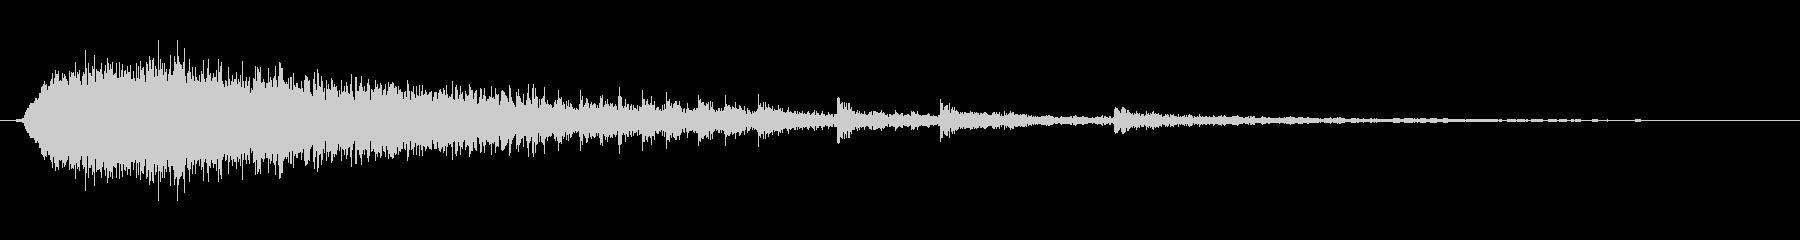 キィギギギギ(ドアの軋み音)Eの未再生の波形